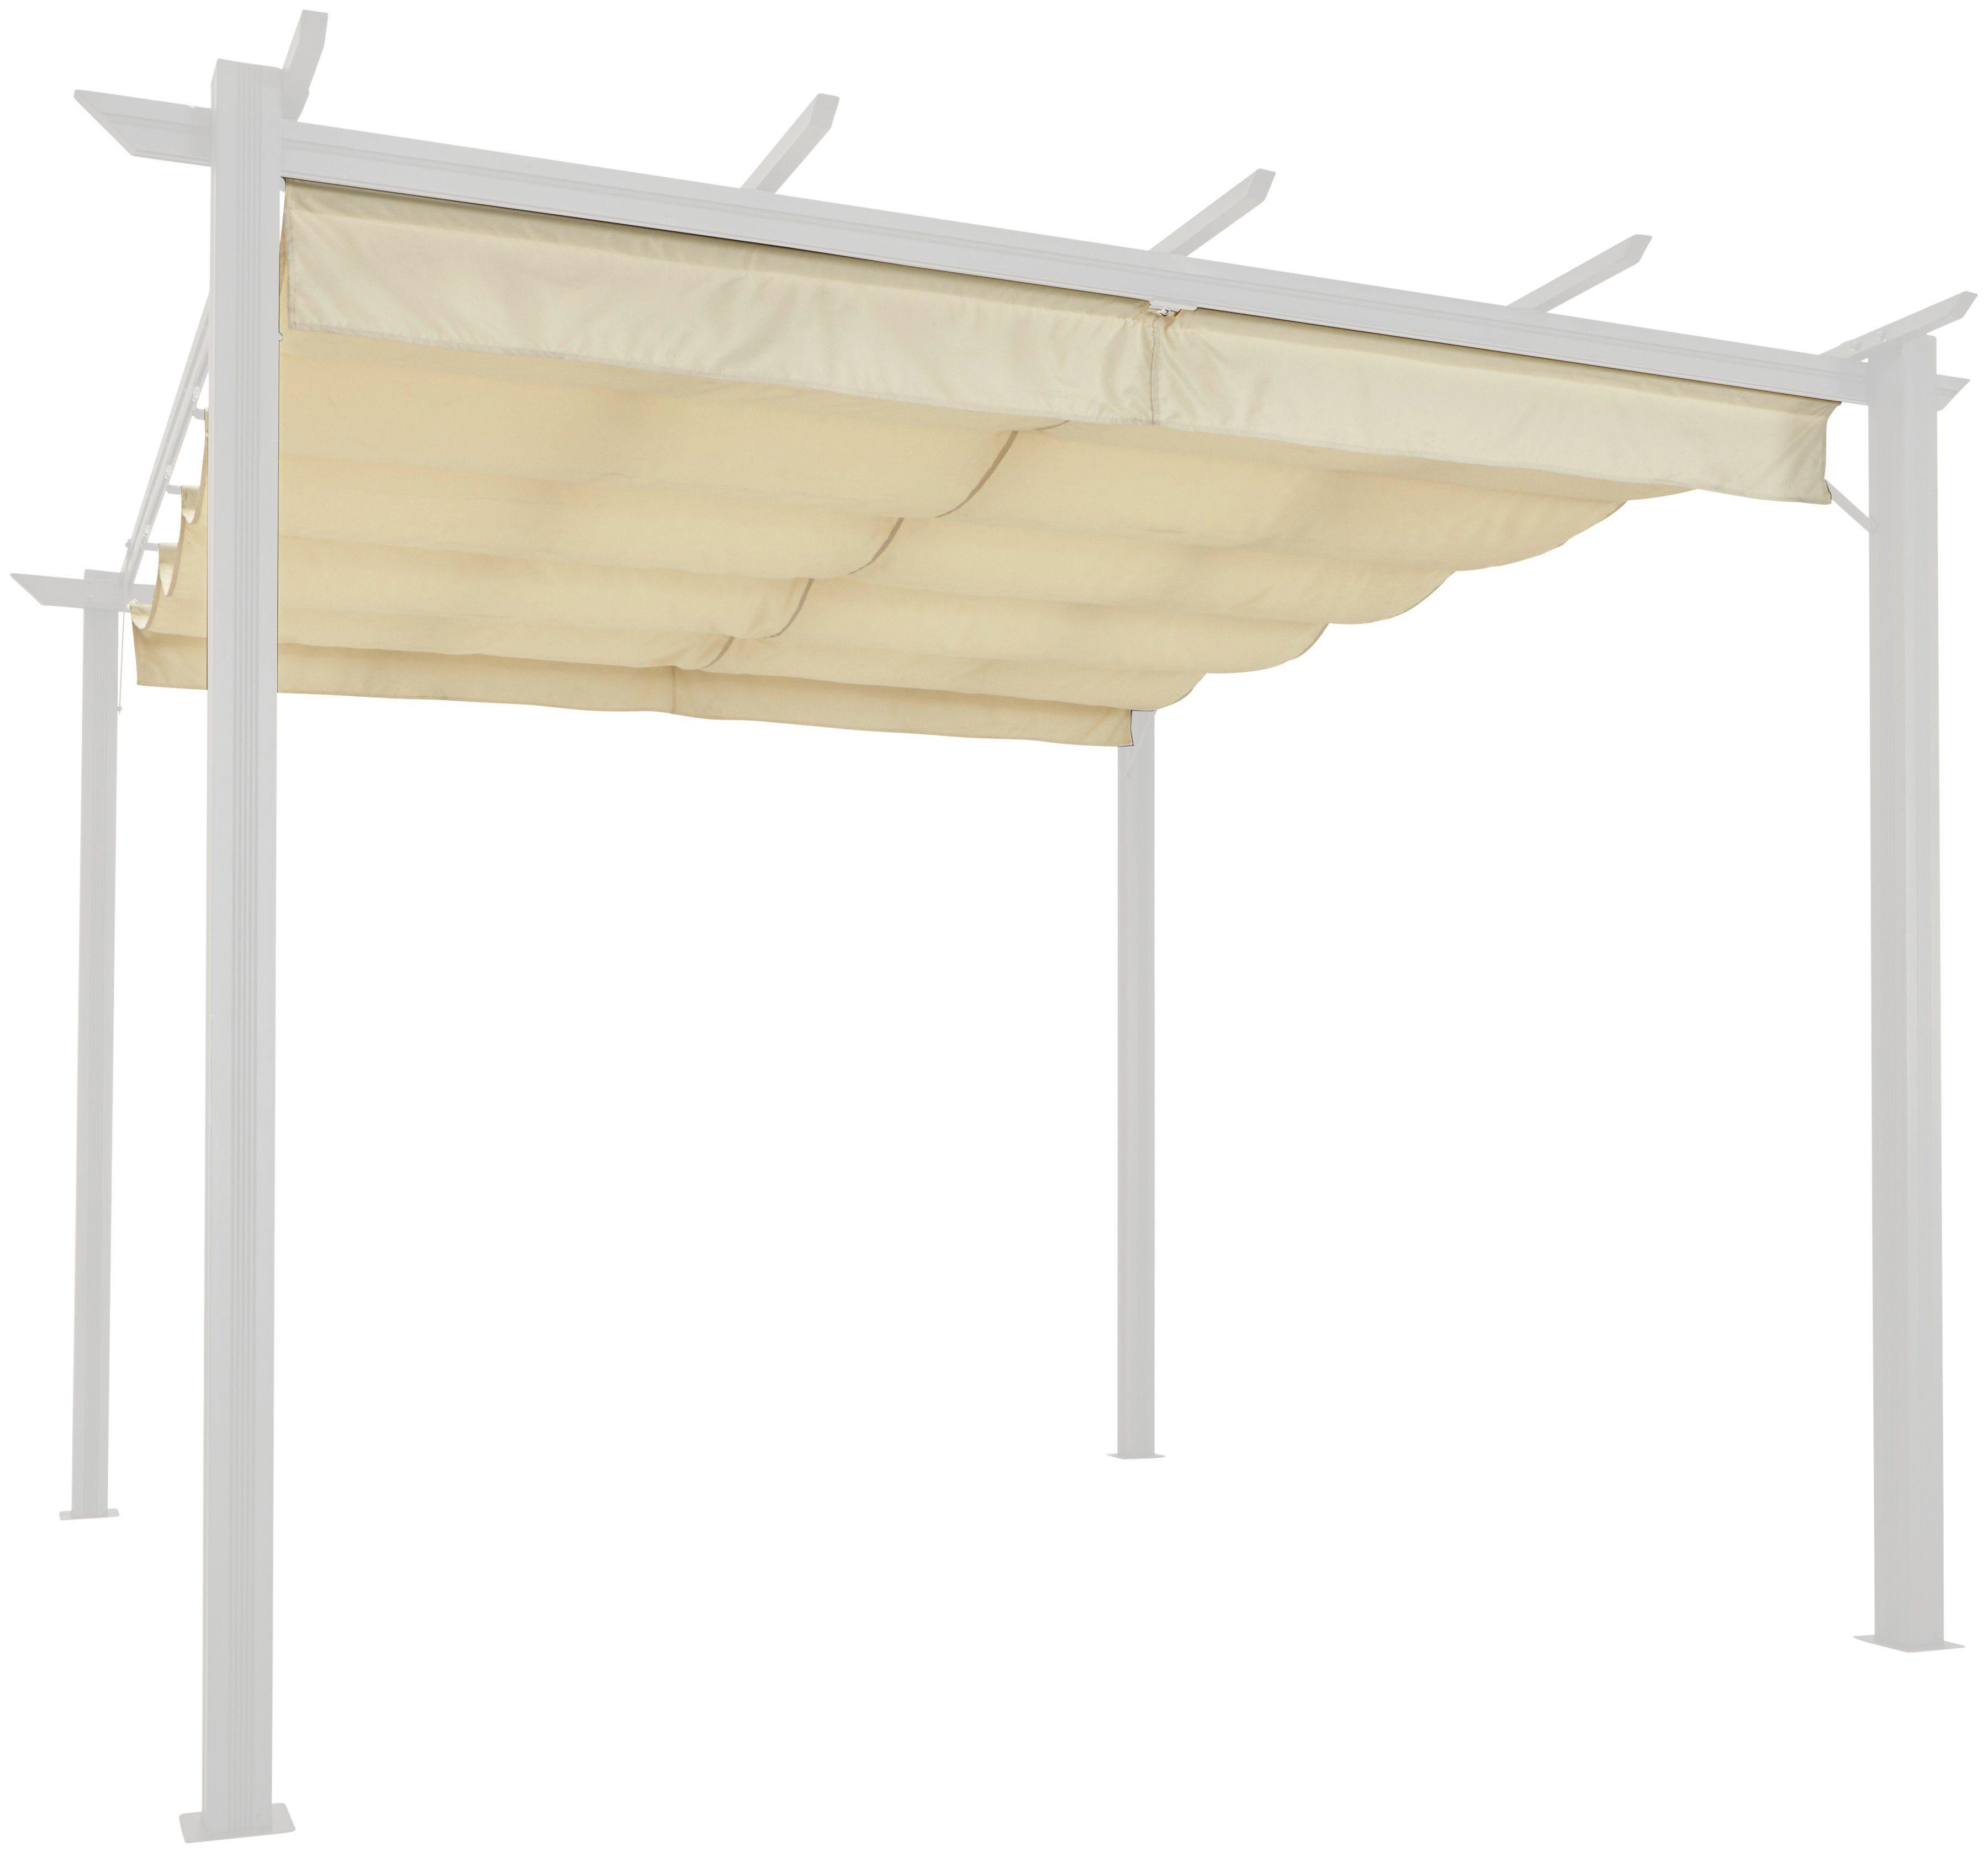 Ersatzdach für Pavillon »Tilos«, BxL: 300x300 cm, sandfarben